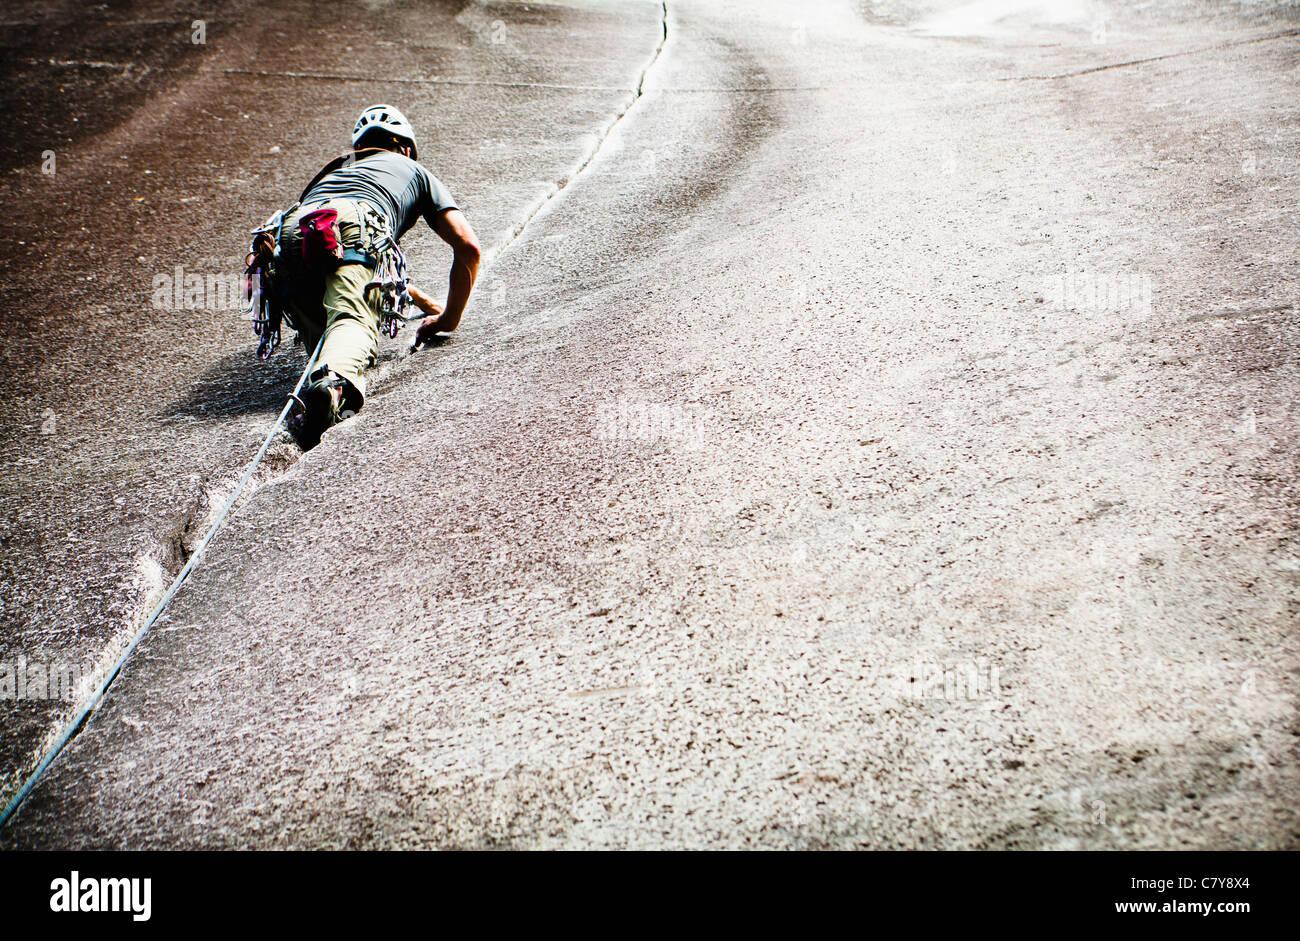 A man climbing Klahanie Crack (5.7) at Squamish BC, Canada. - Stock Image